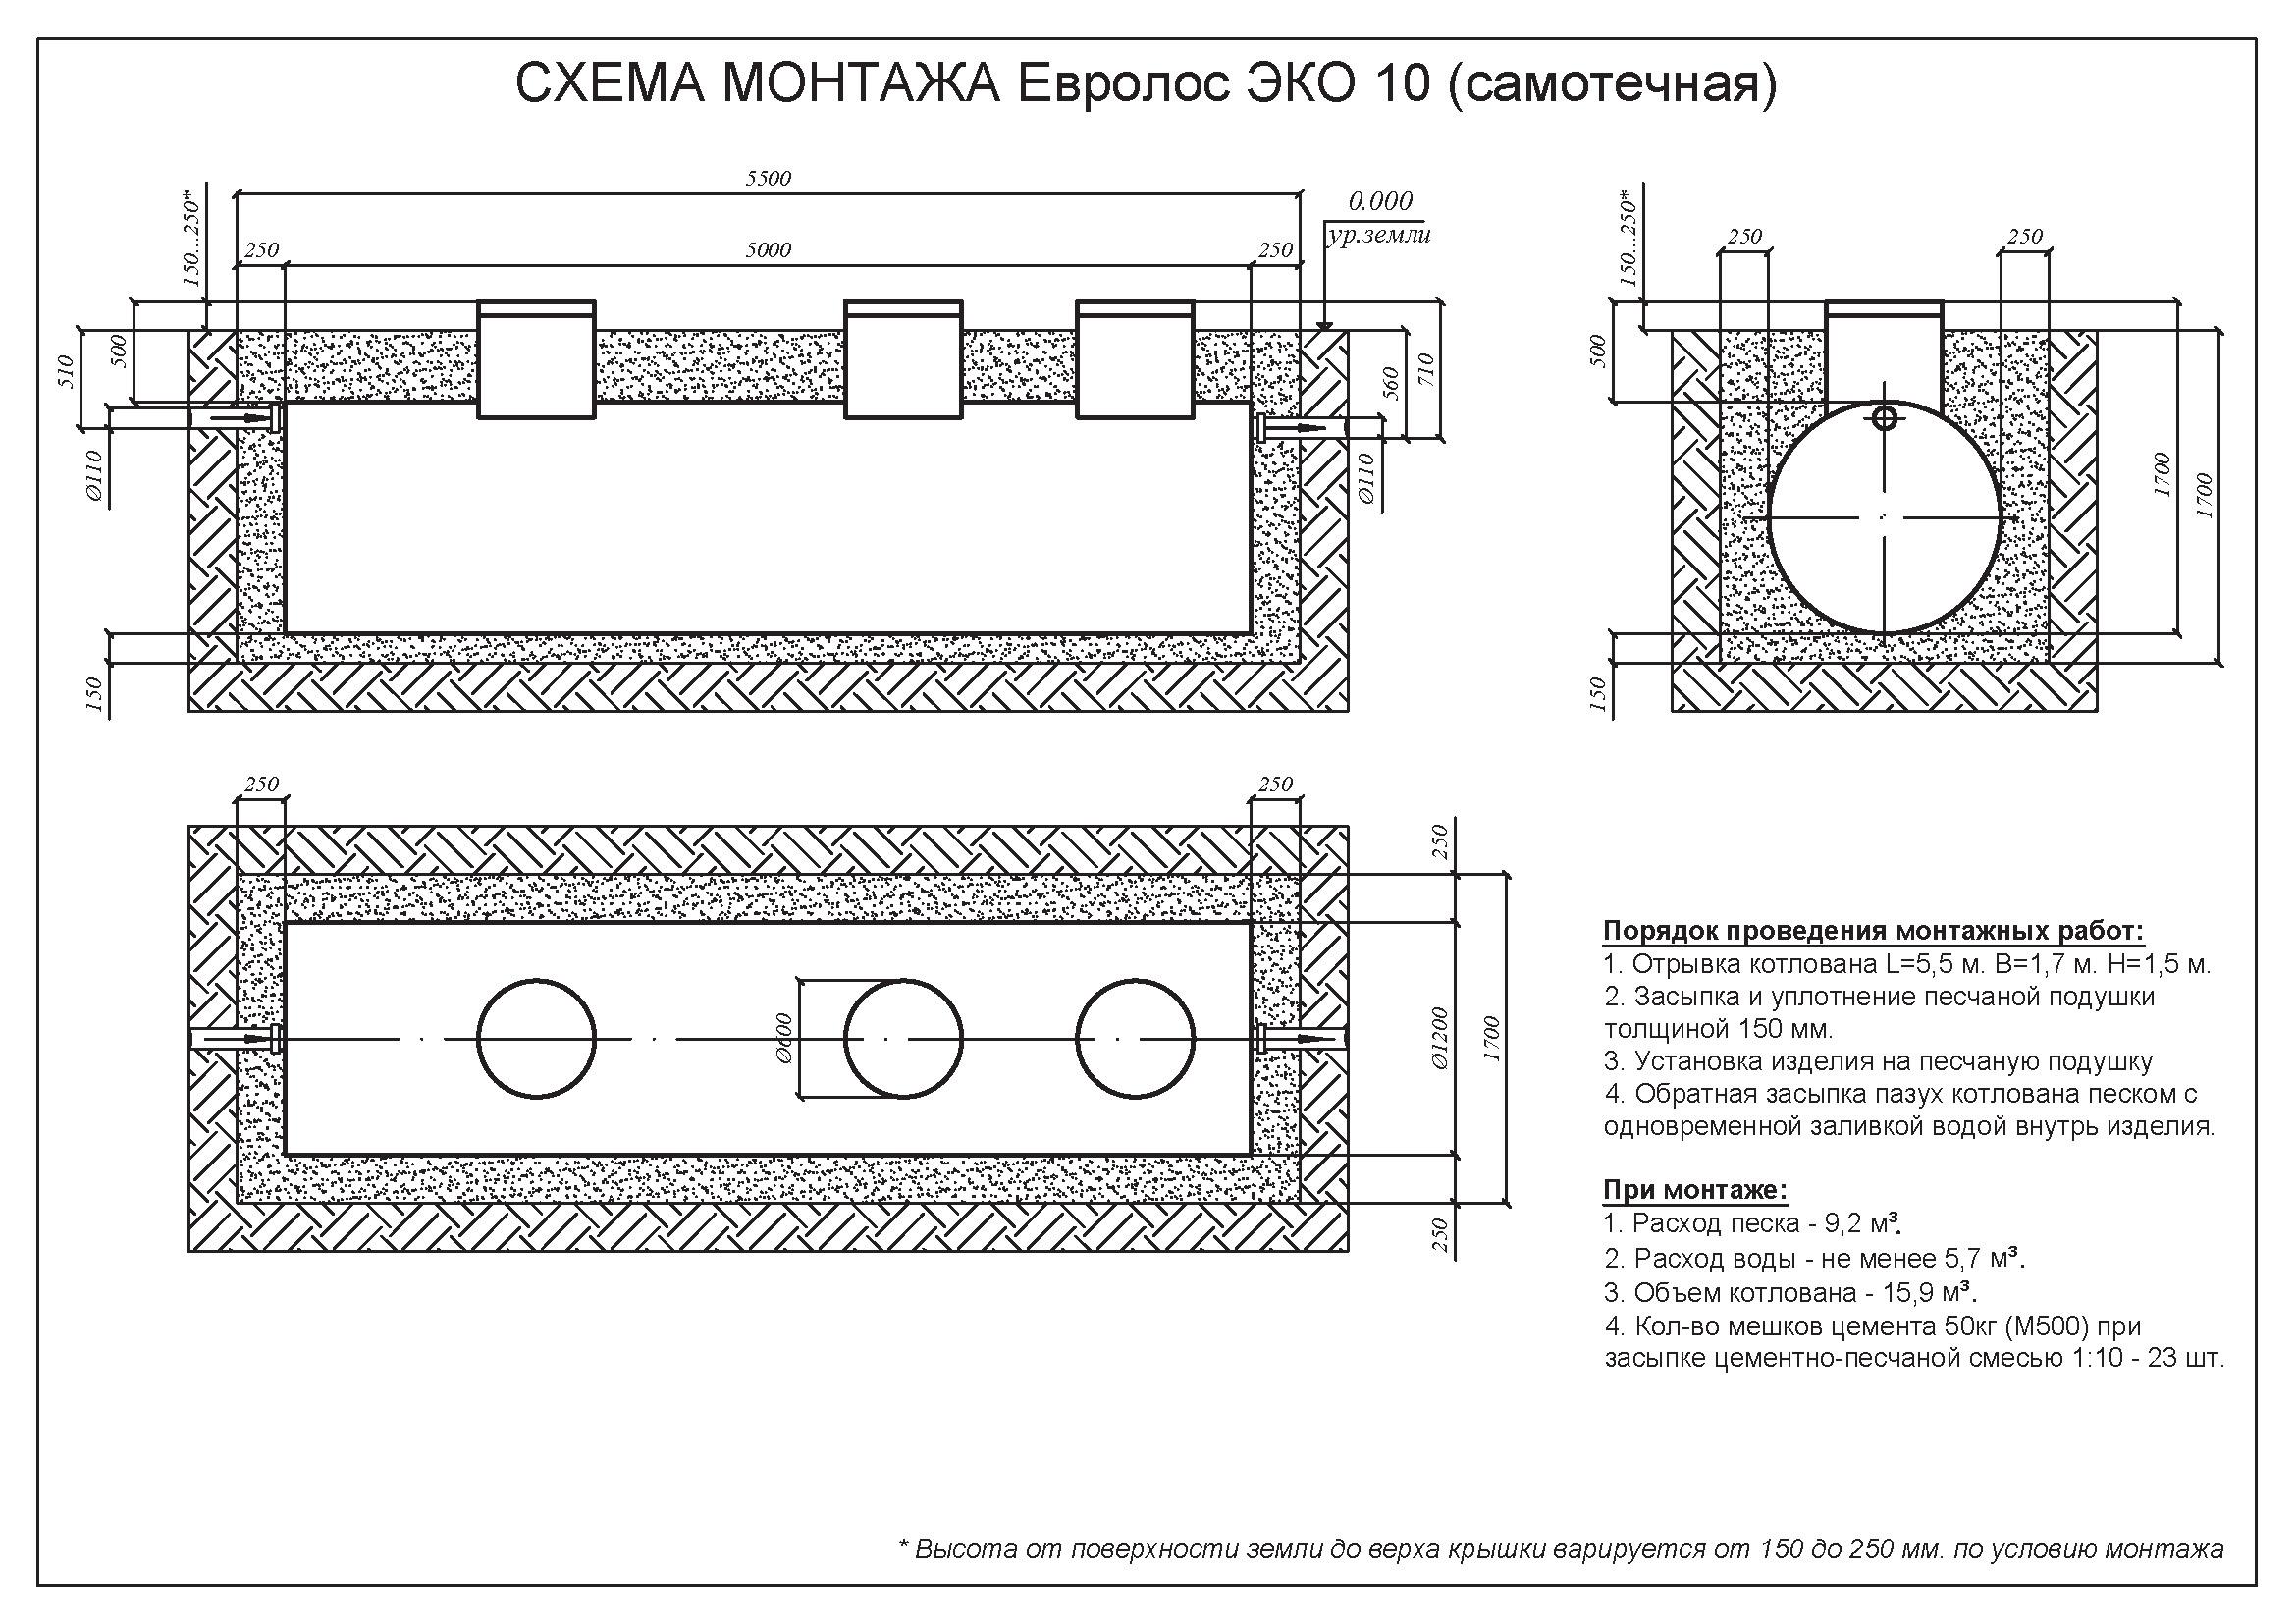 Монтажные схемы Евролос Эко_Страница_6